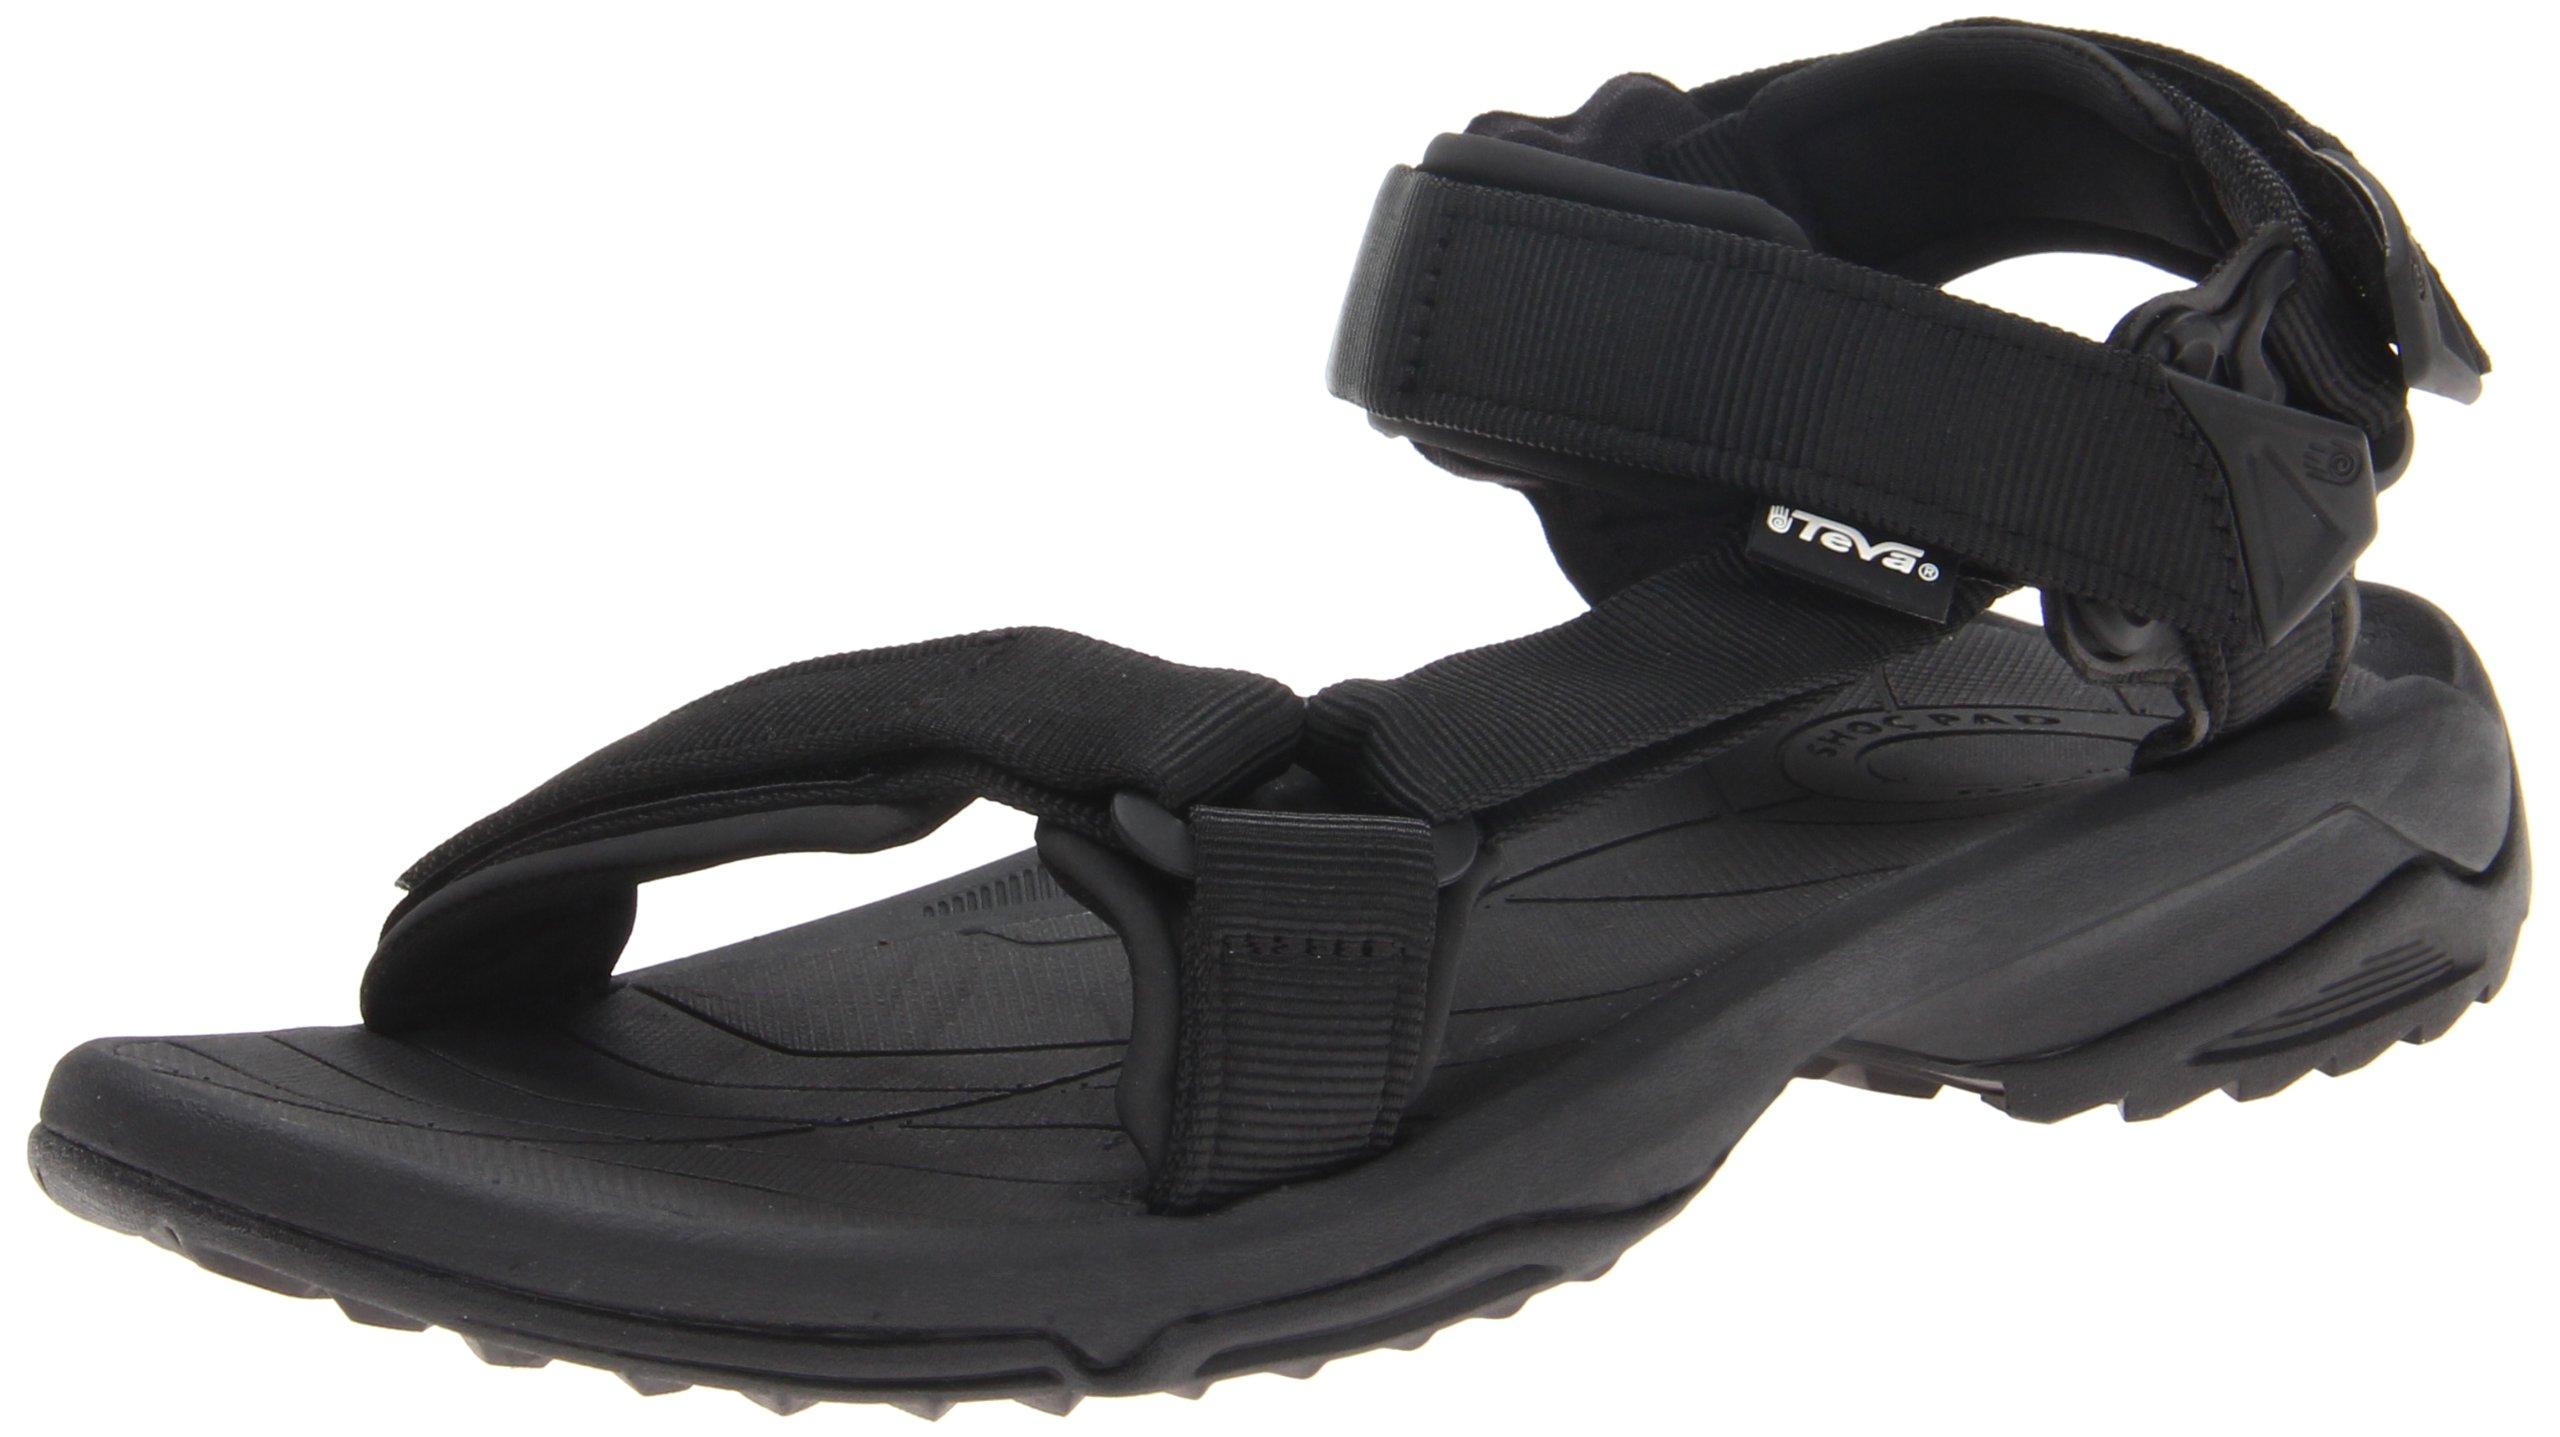 Teva Men's Terra Fi Lite Sandal,Black,14 M US by Teva (Image #1)